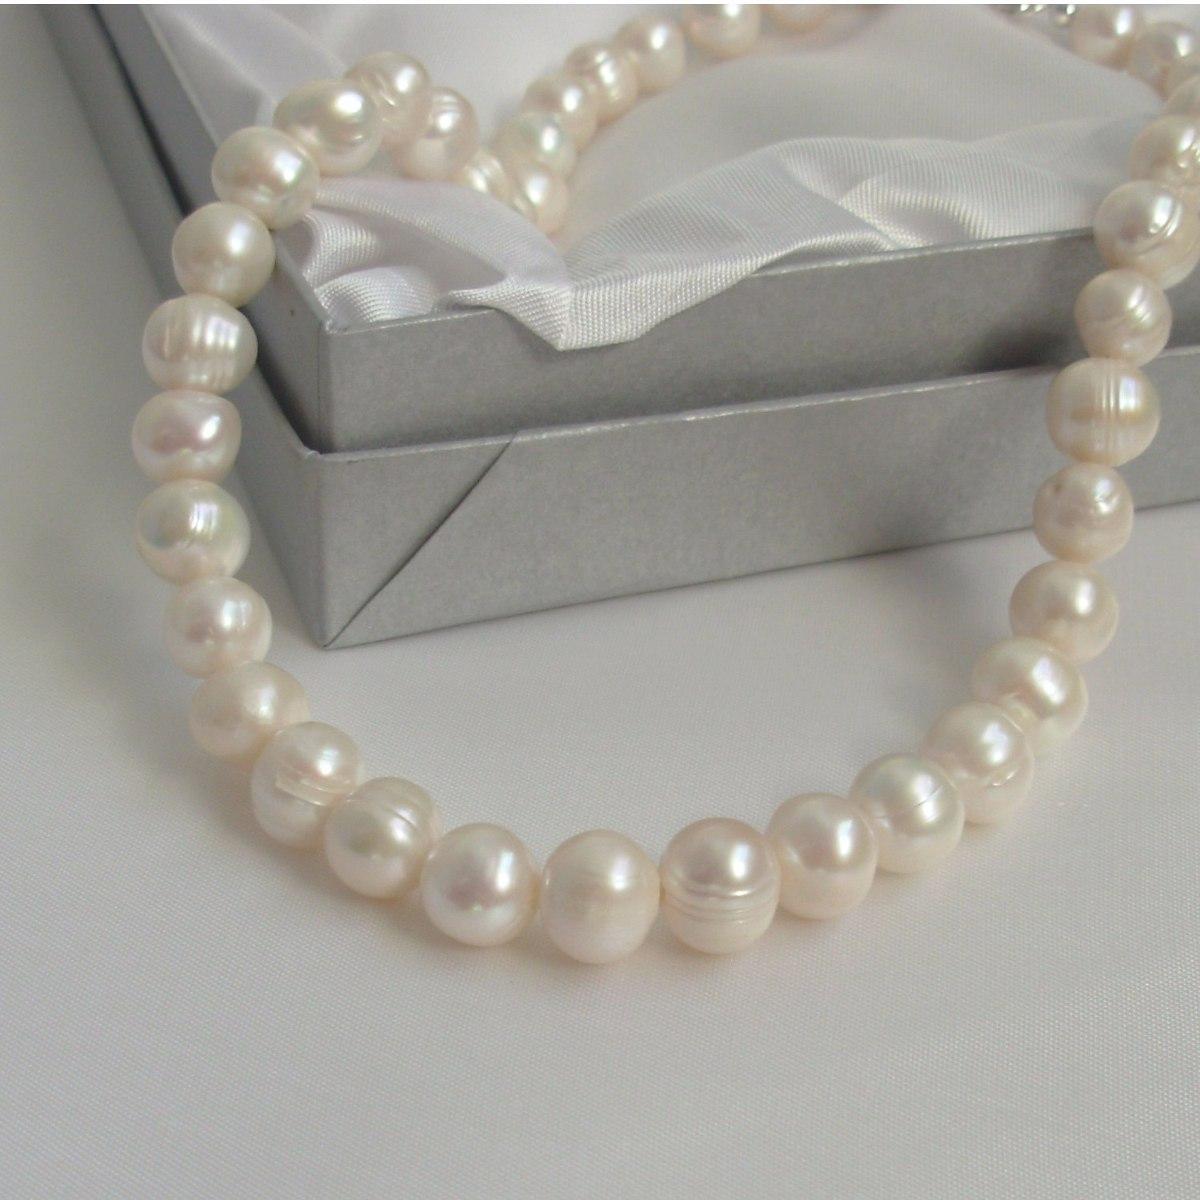 sitio oficial elige el más nuevo diseño de moda Collar Perlas Naturales Cultivadas Y Plata Cierre Marinero